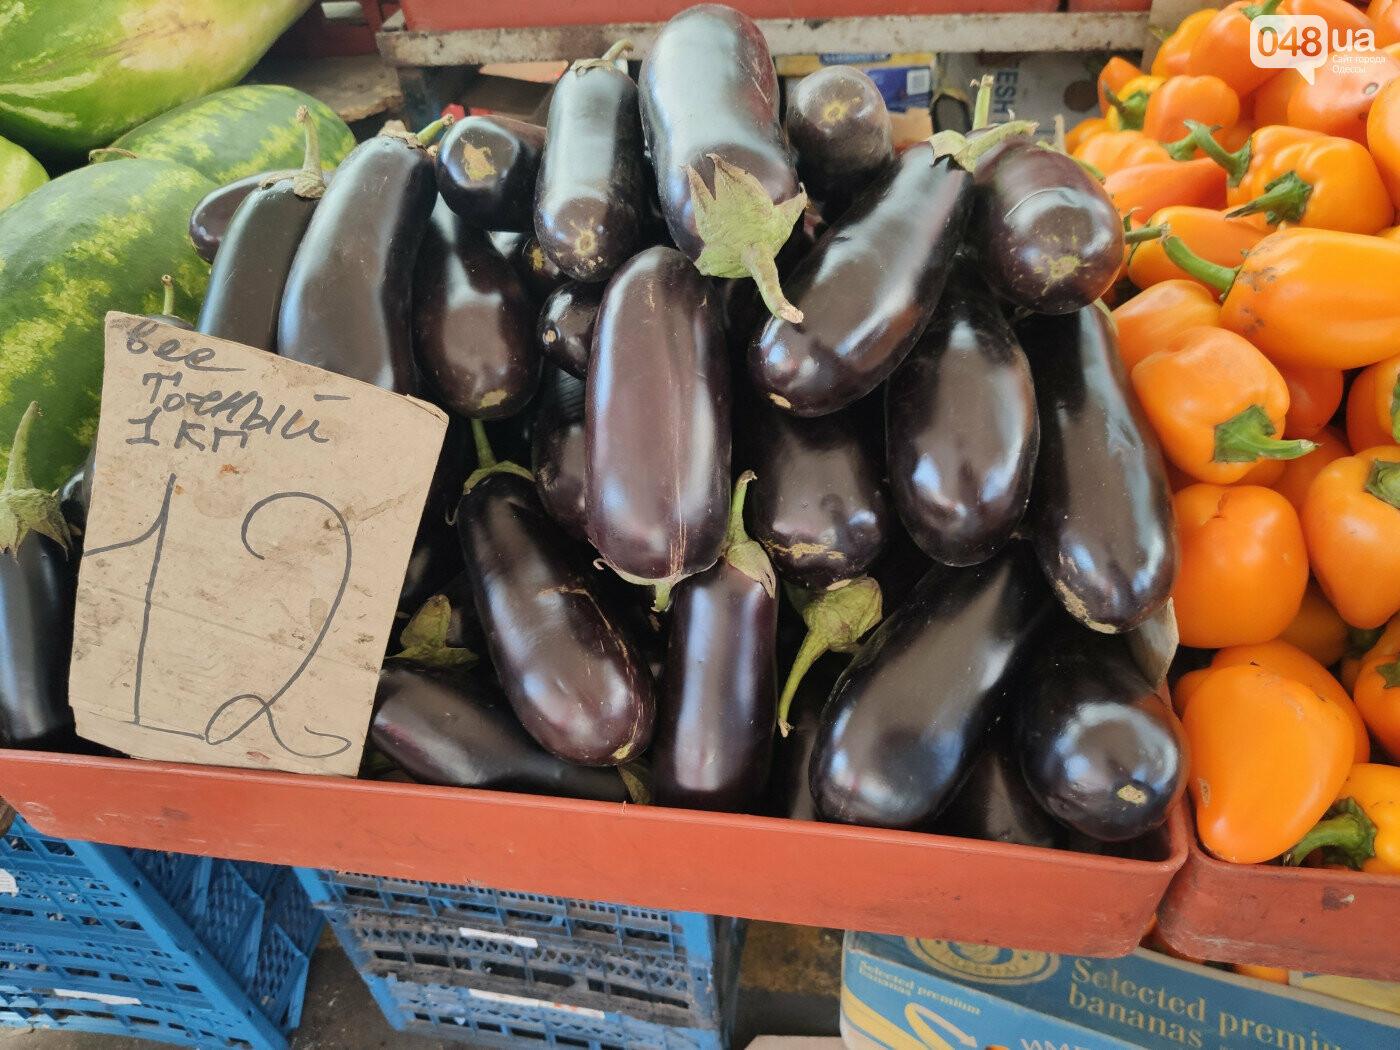 Почем в Одессе фрукты и овощи: актуальные цены Привоза в этот четверг, - ФОТО, фото-2